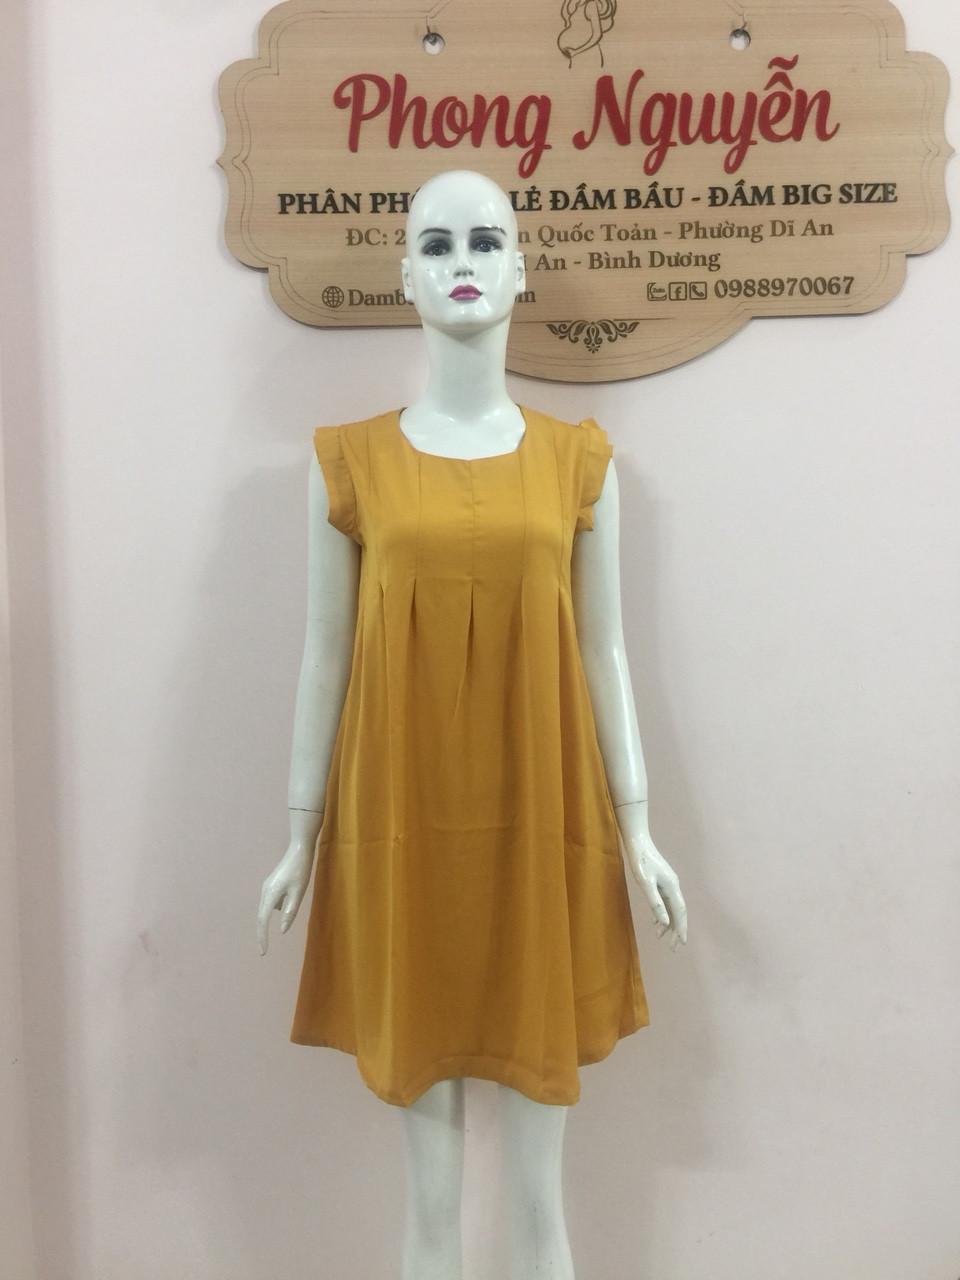 Mẹo chọn đồ bầu công sở vừa tiết kiệm vừa hợp xu hướng thời trang(3)